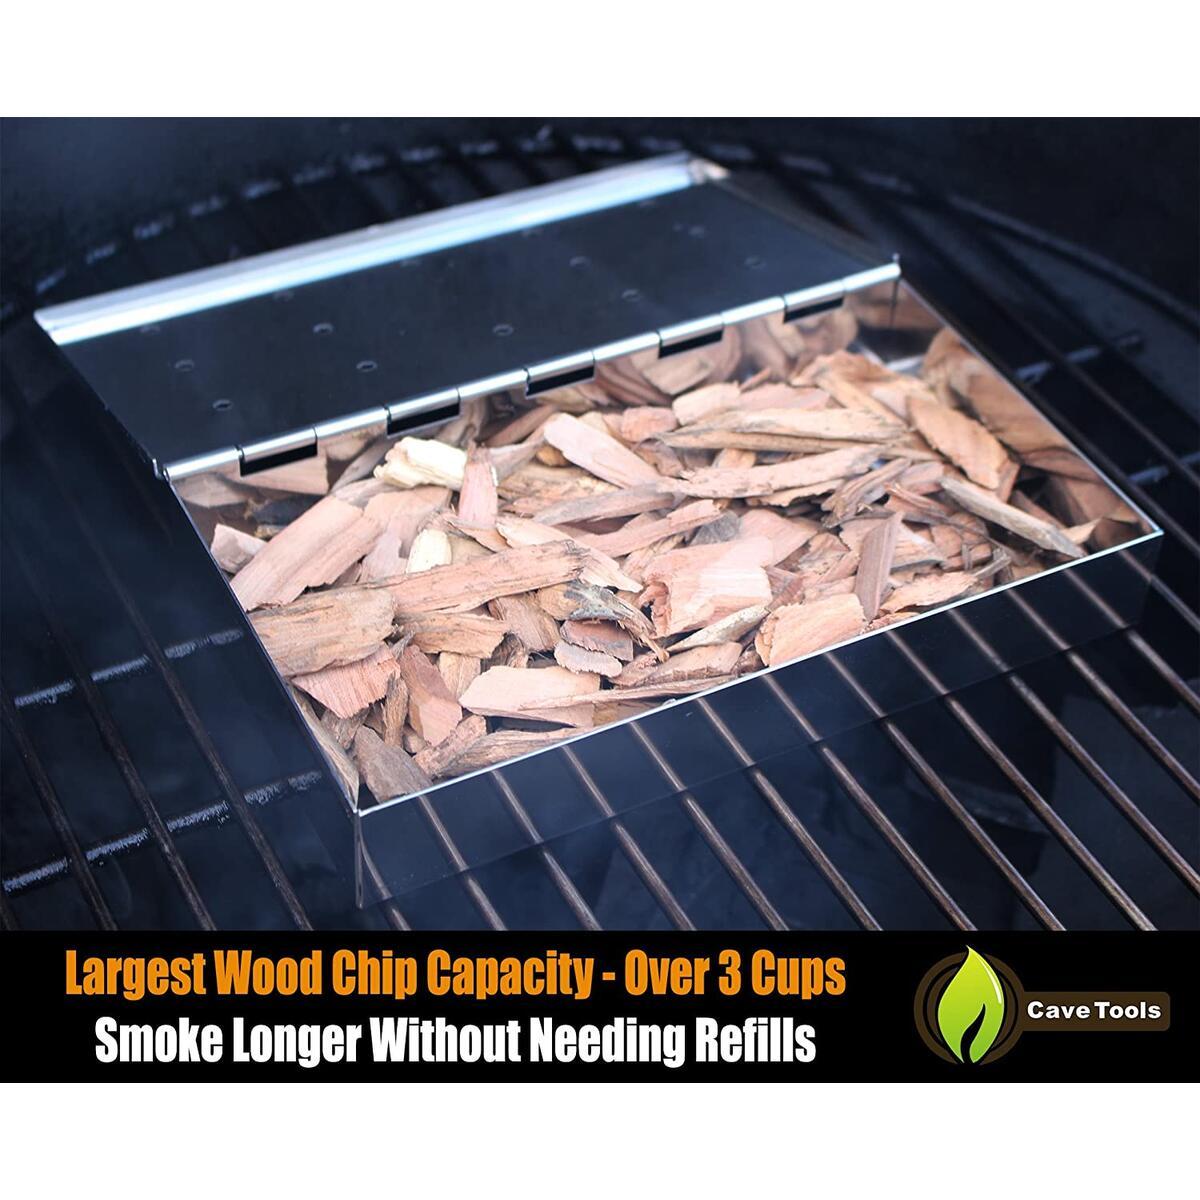 Smoker Box Maximum Wood Chip Capacity - 25% Thicker Stainless Steel